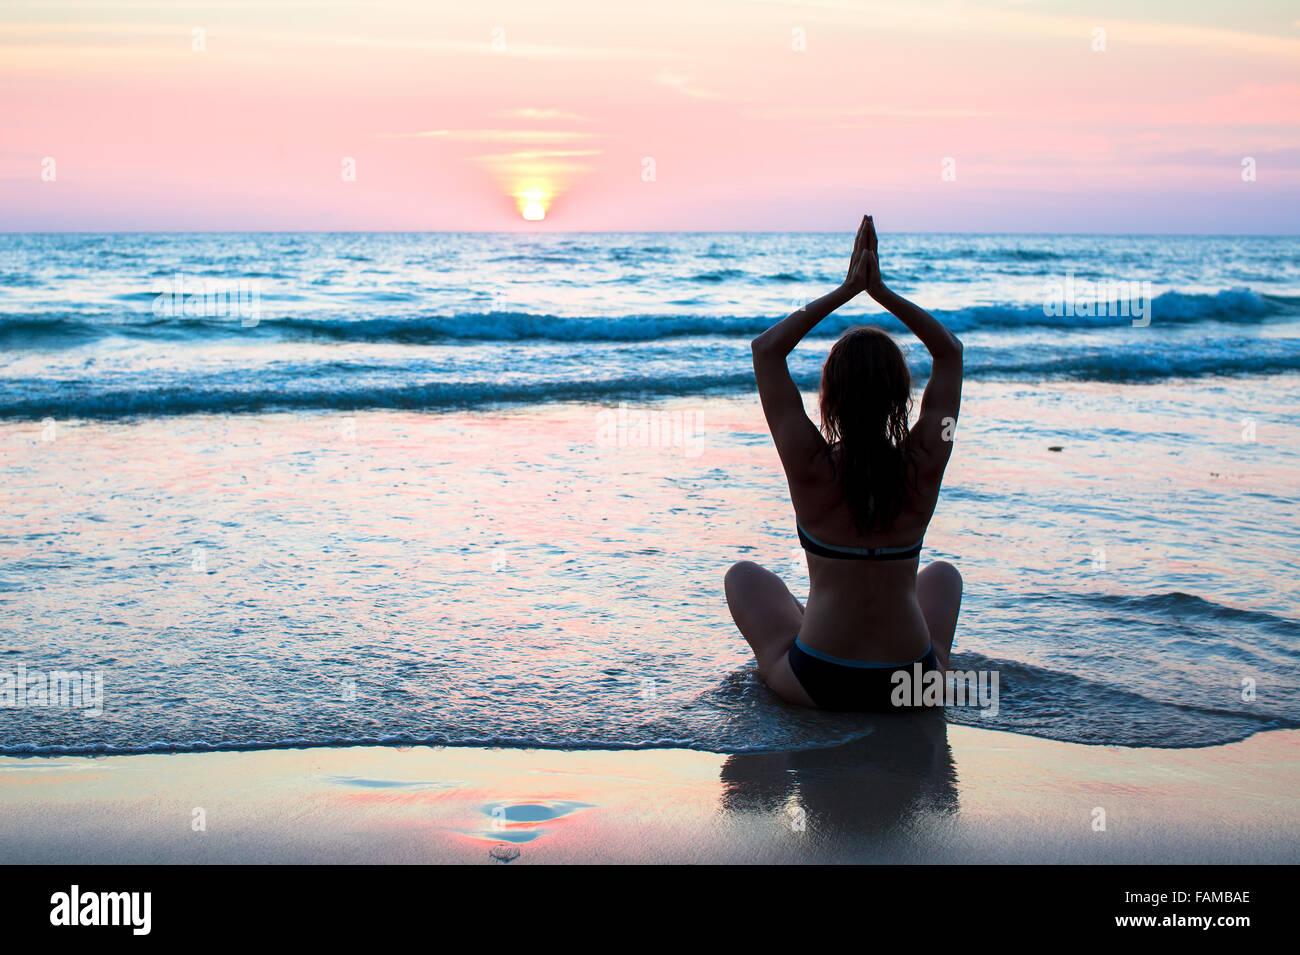 Le yoga et le fitness, mode de vie. Photo Stock